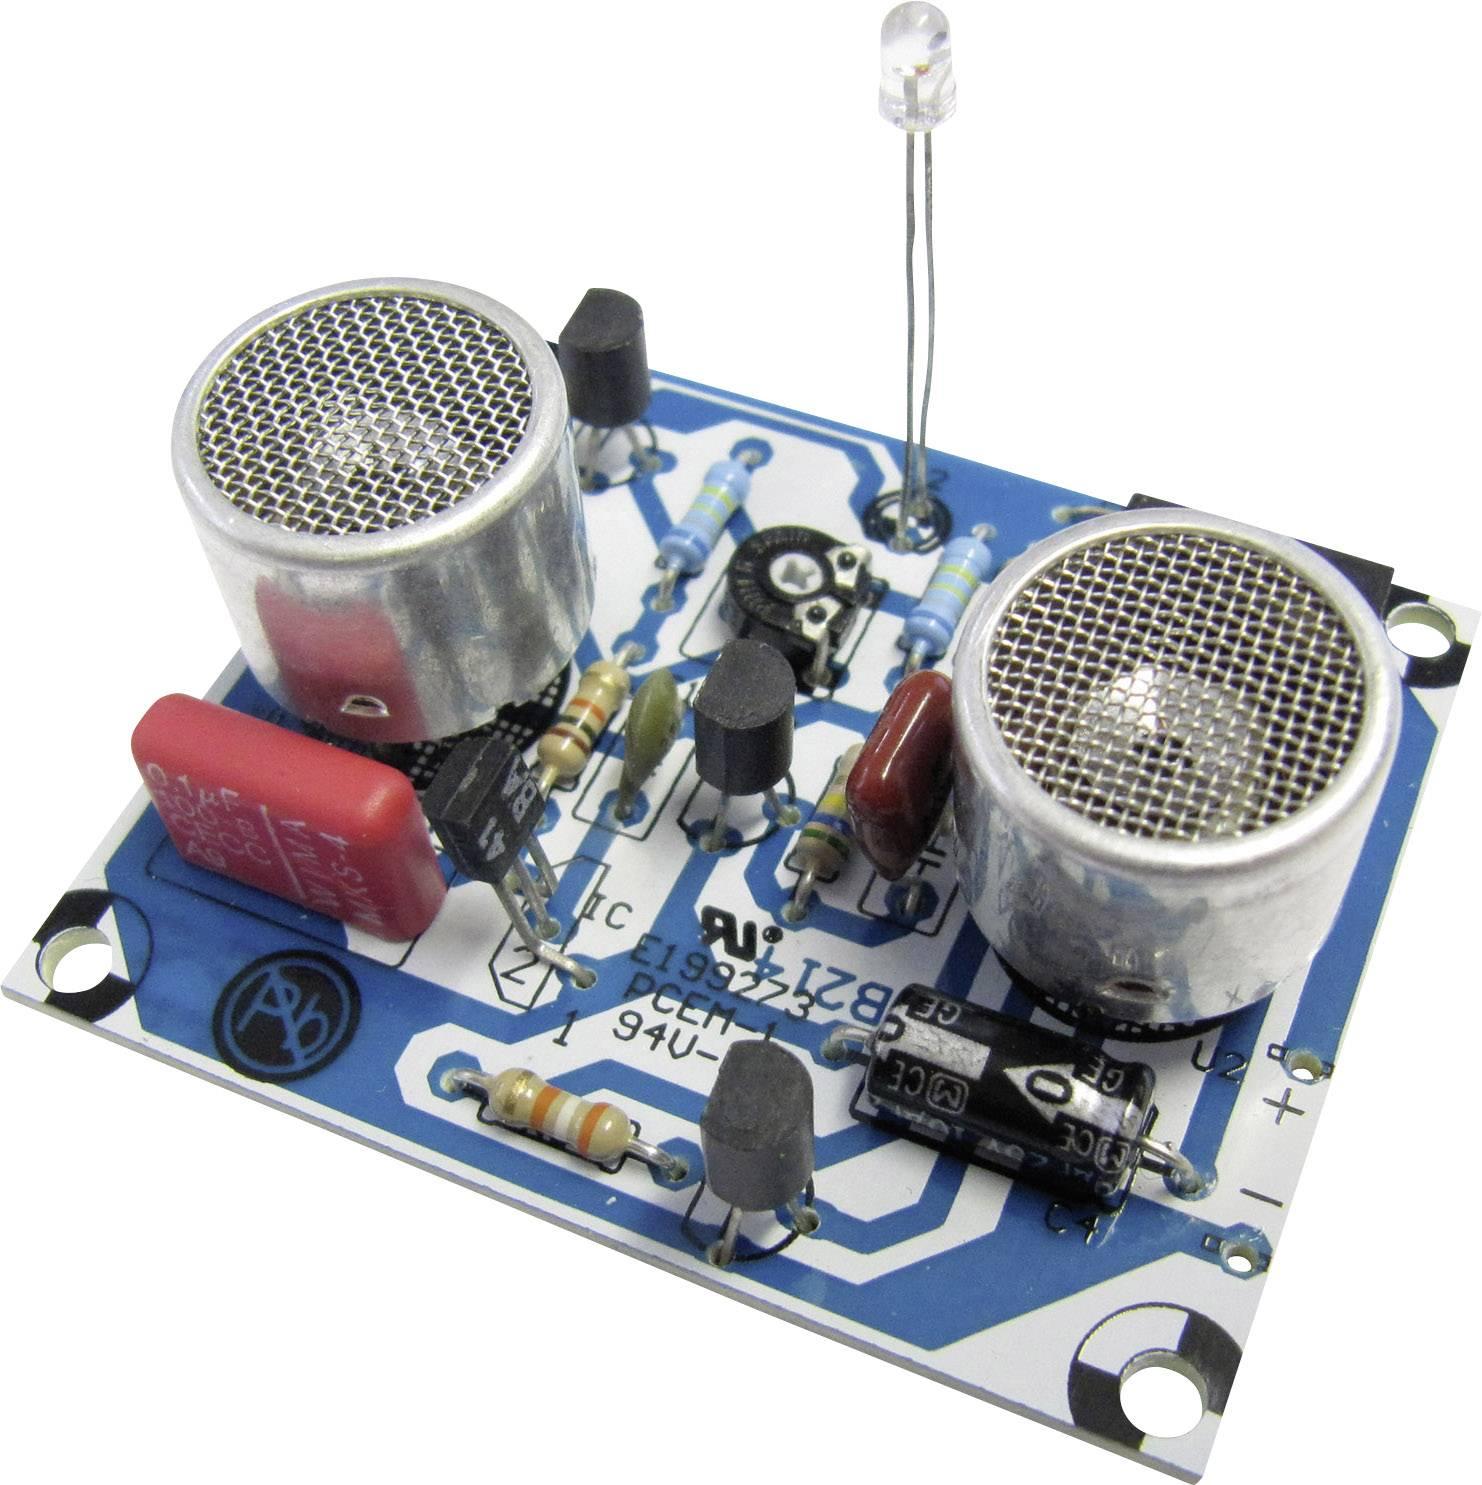 Ultrazvukový měřič vzdálenosti Kemo Electronic, B214, 9 - 12 V/DC, dosah 10 - 80 cm